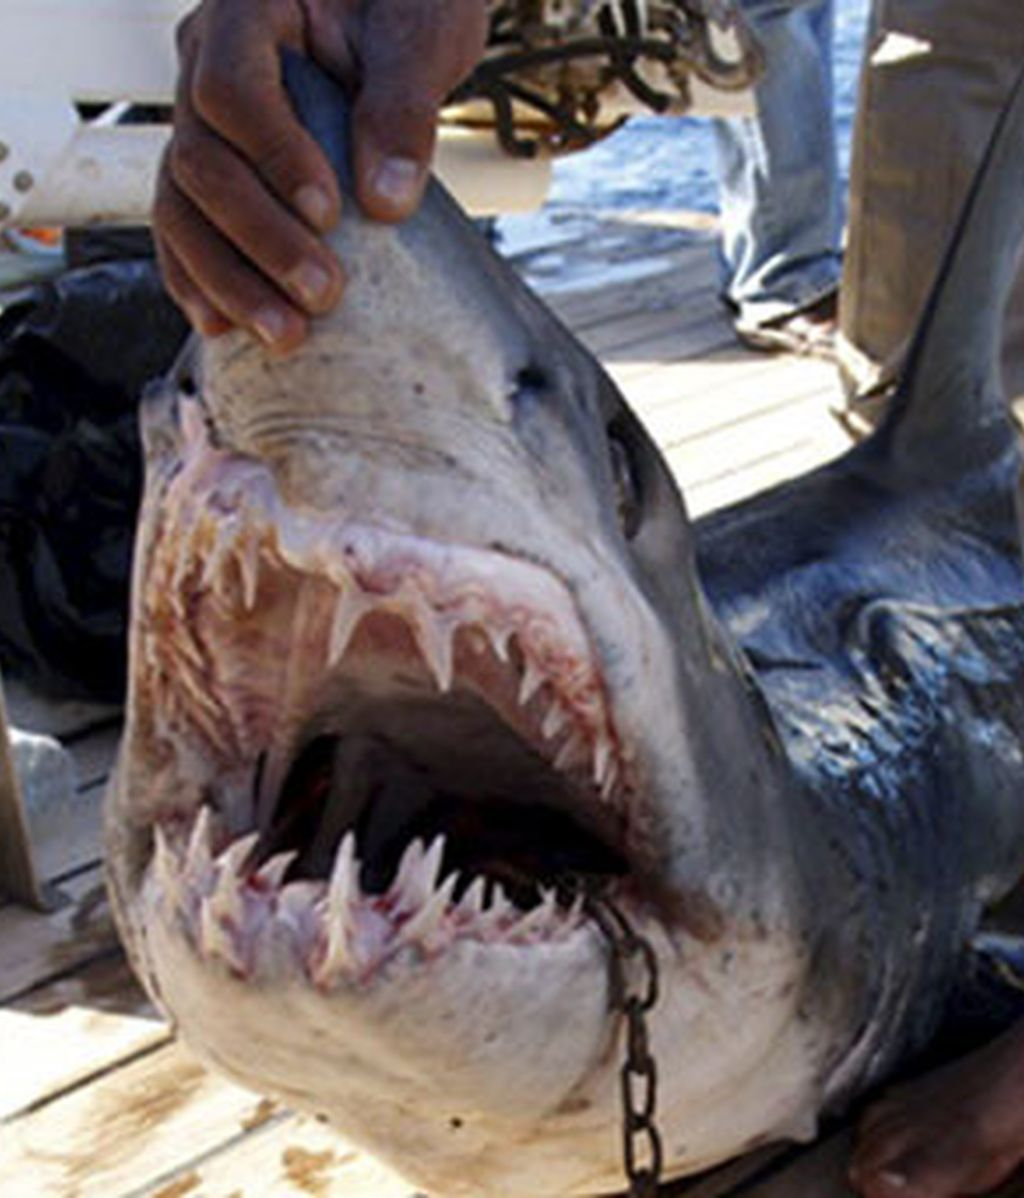 Fotografía tomada el 3 de diciembre de 2010 y cedida por el Ministerio de Medio Ambiente que muestra el tiburón que, se cree, atacó a los cuatro turistas en la costa egipcia del mar Rojo en el complejo turístico de Sharm El-Sheij. Foto: EFE